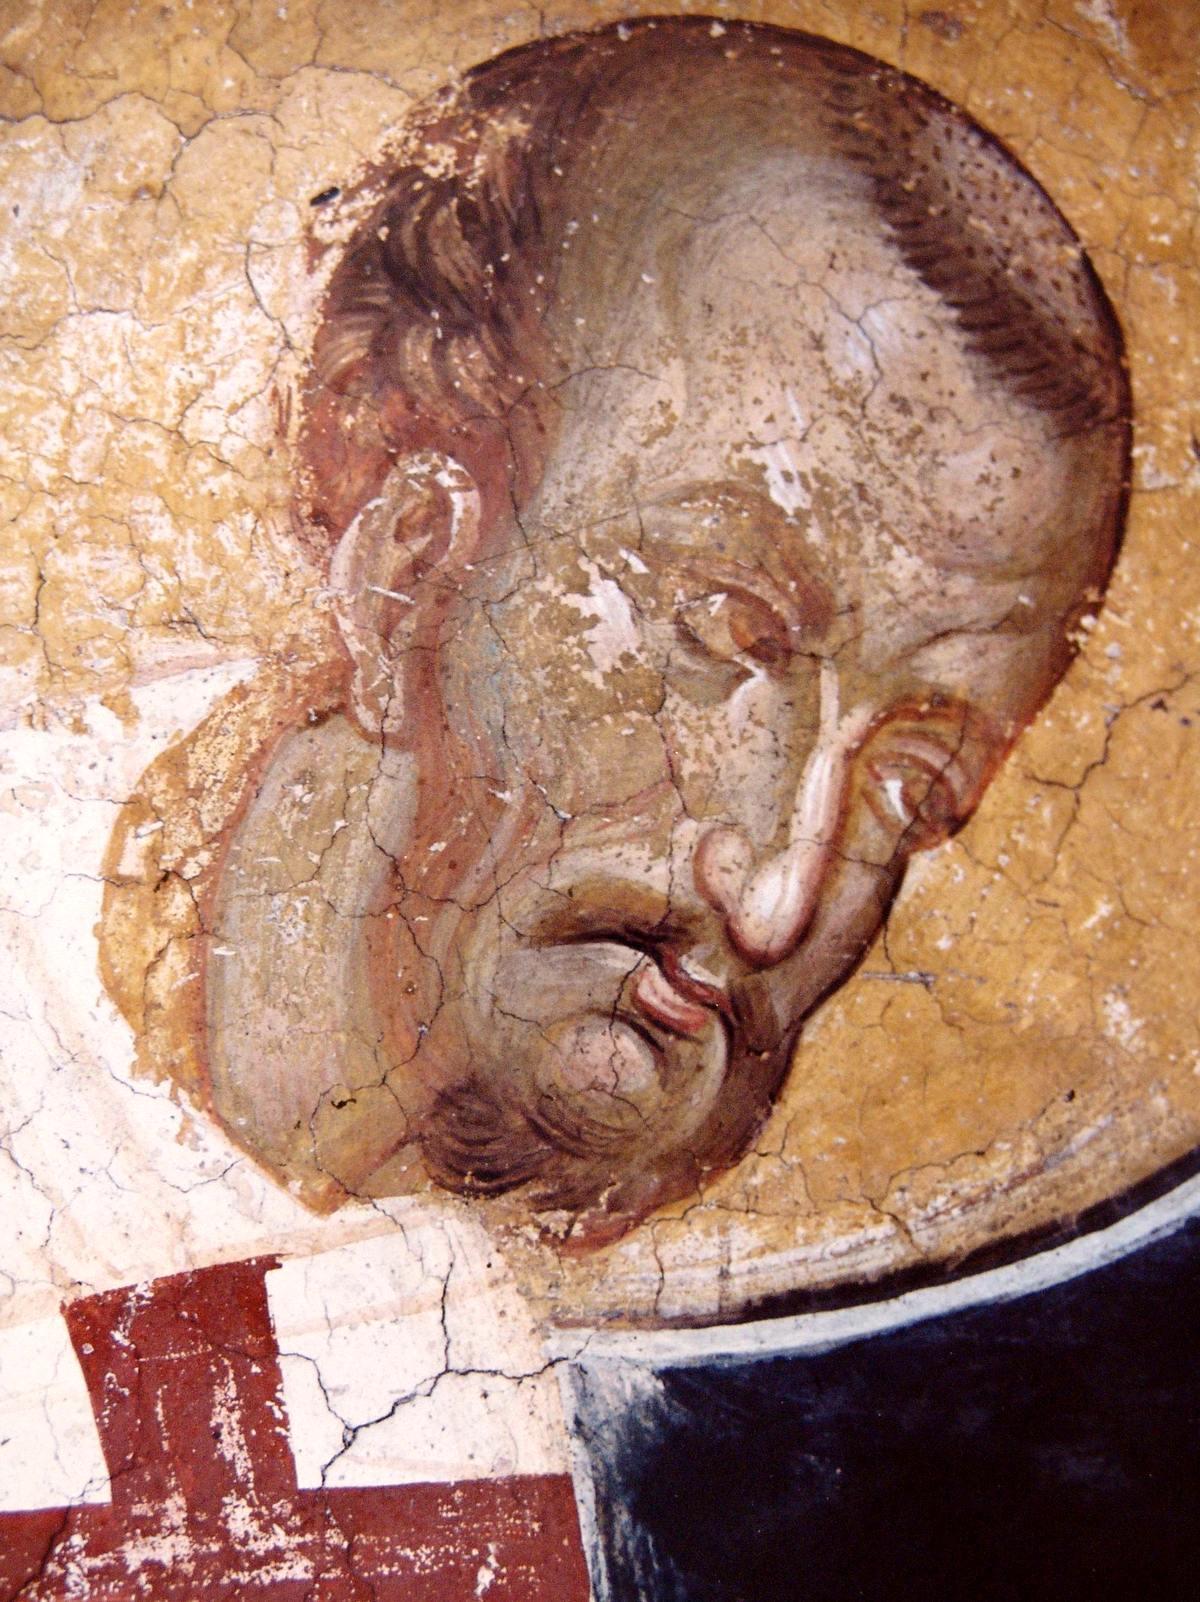 Святитель Иоанн Златоуст, Архиепископ Константинопольский. Фреска монастыря Высокие Дечаны, Косово, Сербия. Около 1350 года.